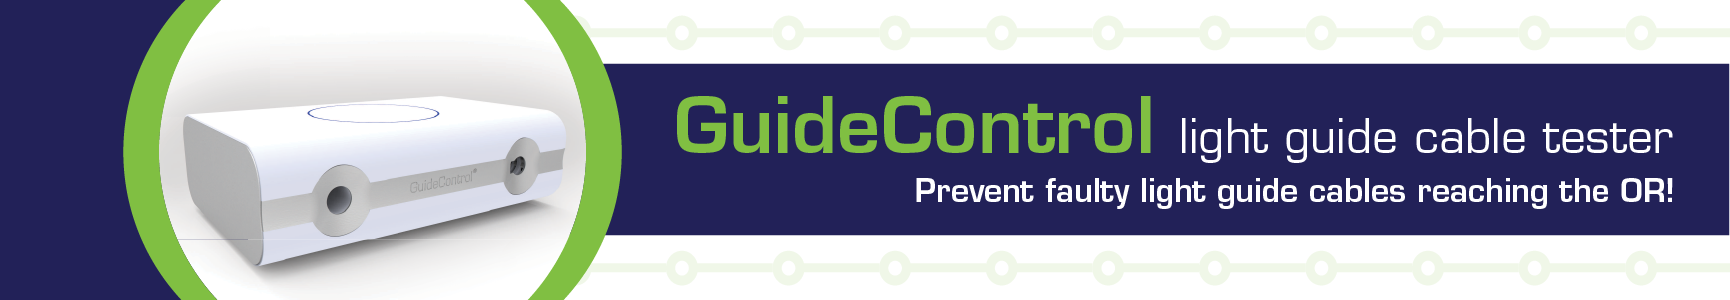 Guide Control